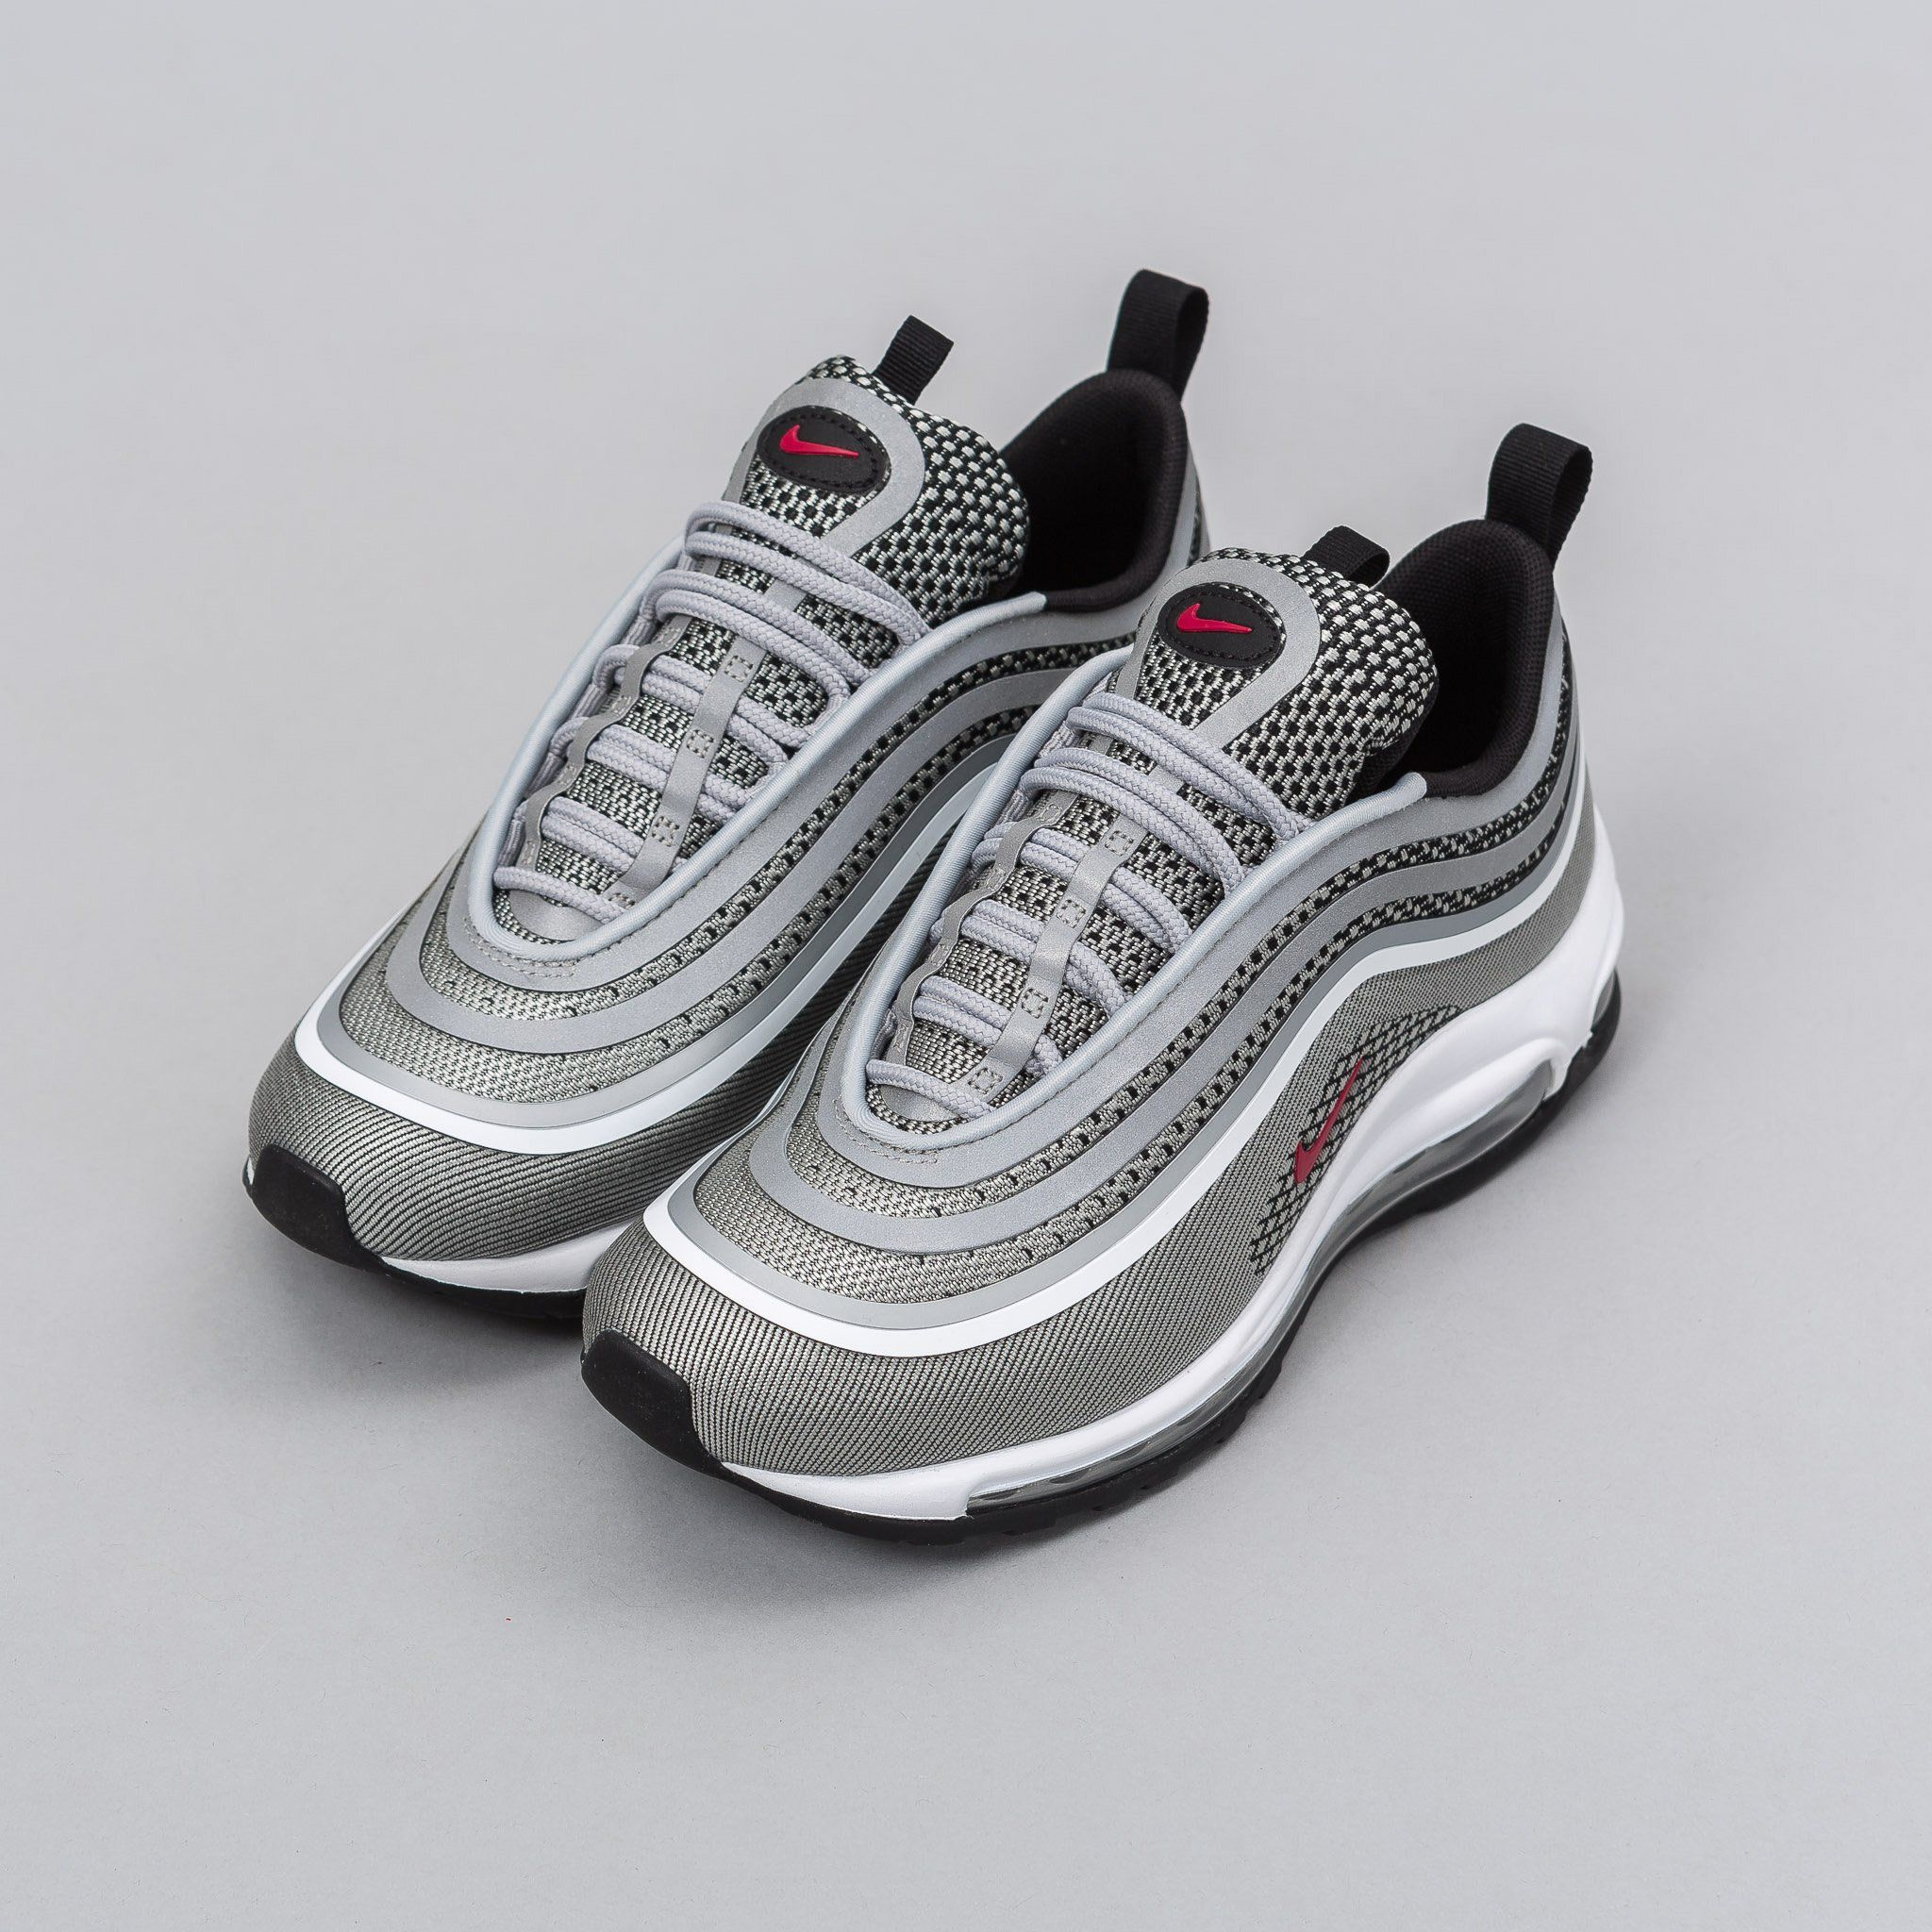 Nike Air Max 97 De Ultra 17 Zapato De Las Mujeres Blanqueador aclaramiento más reciente Comprar barato auténtica x7cGc15r